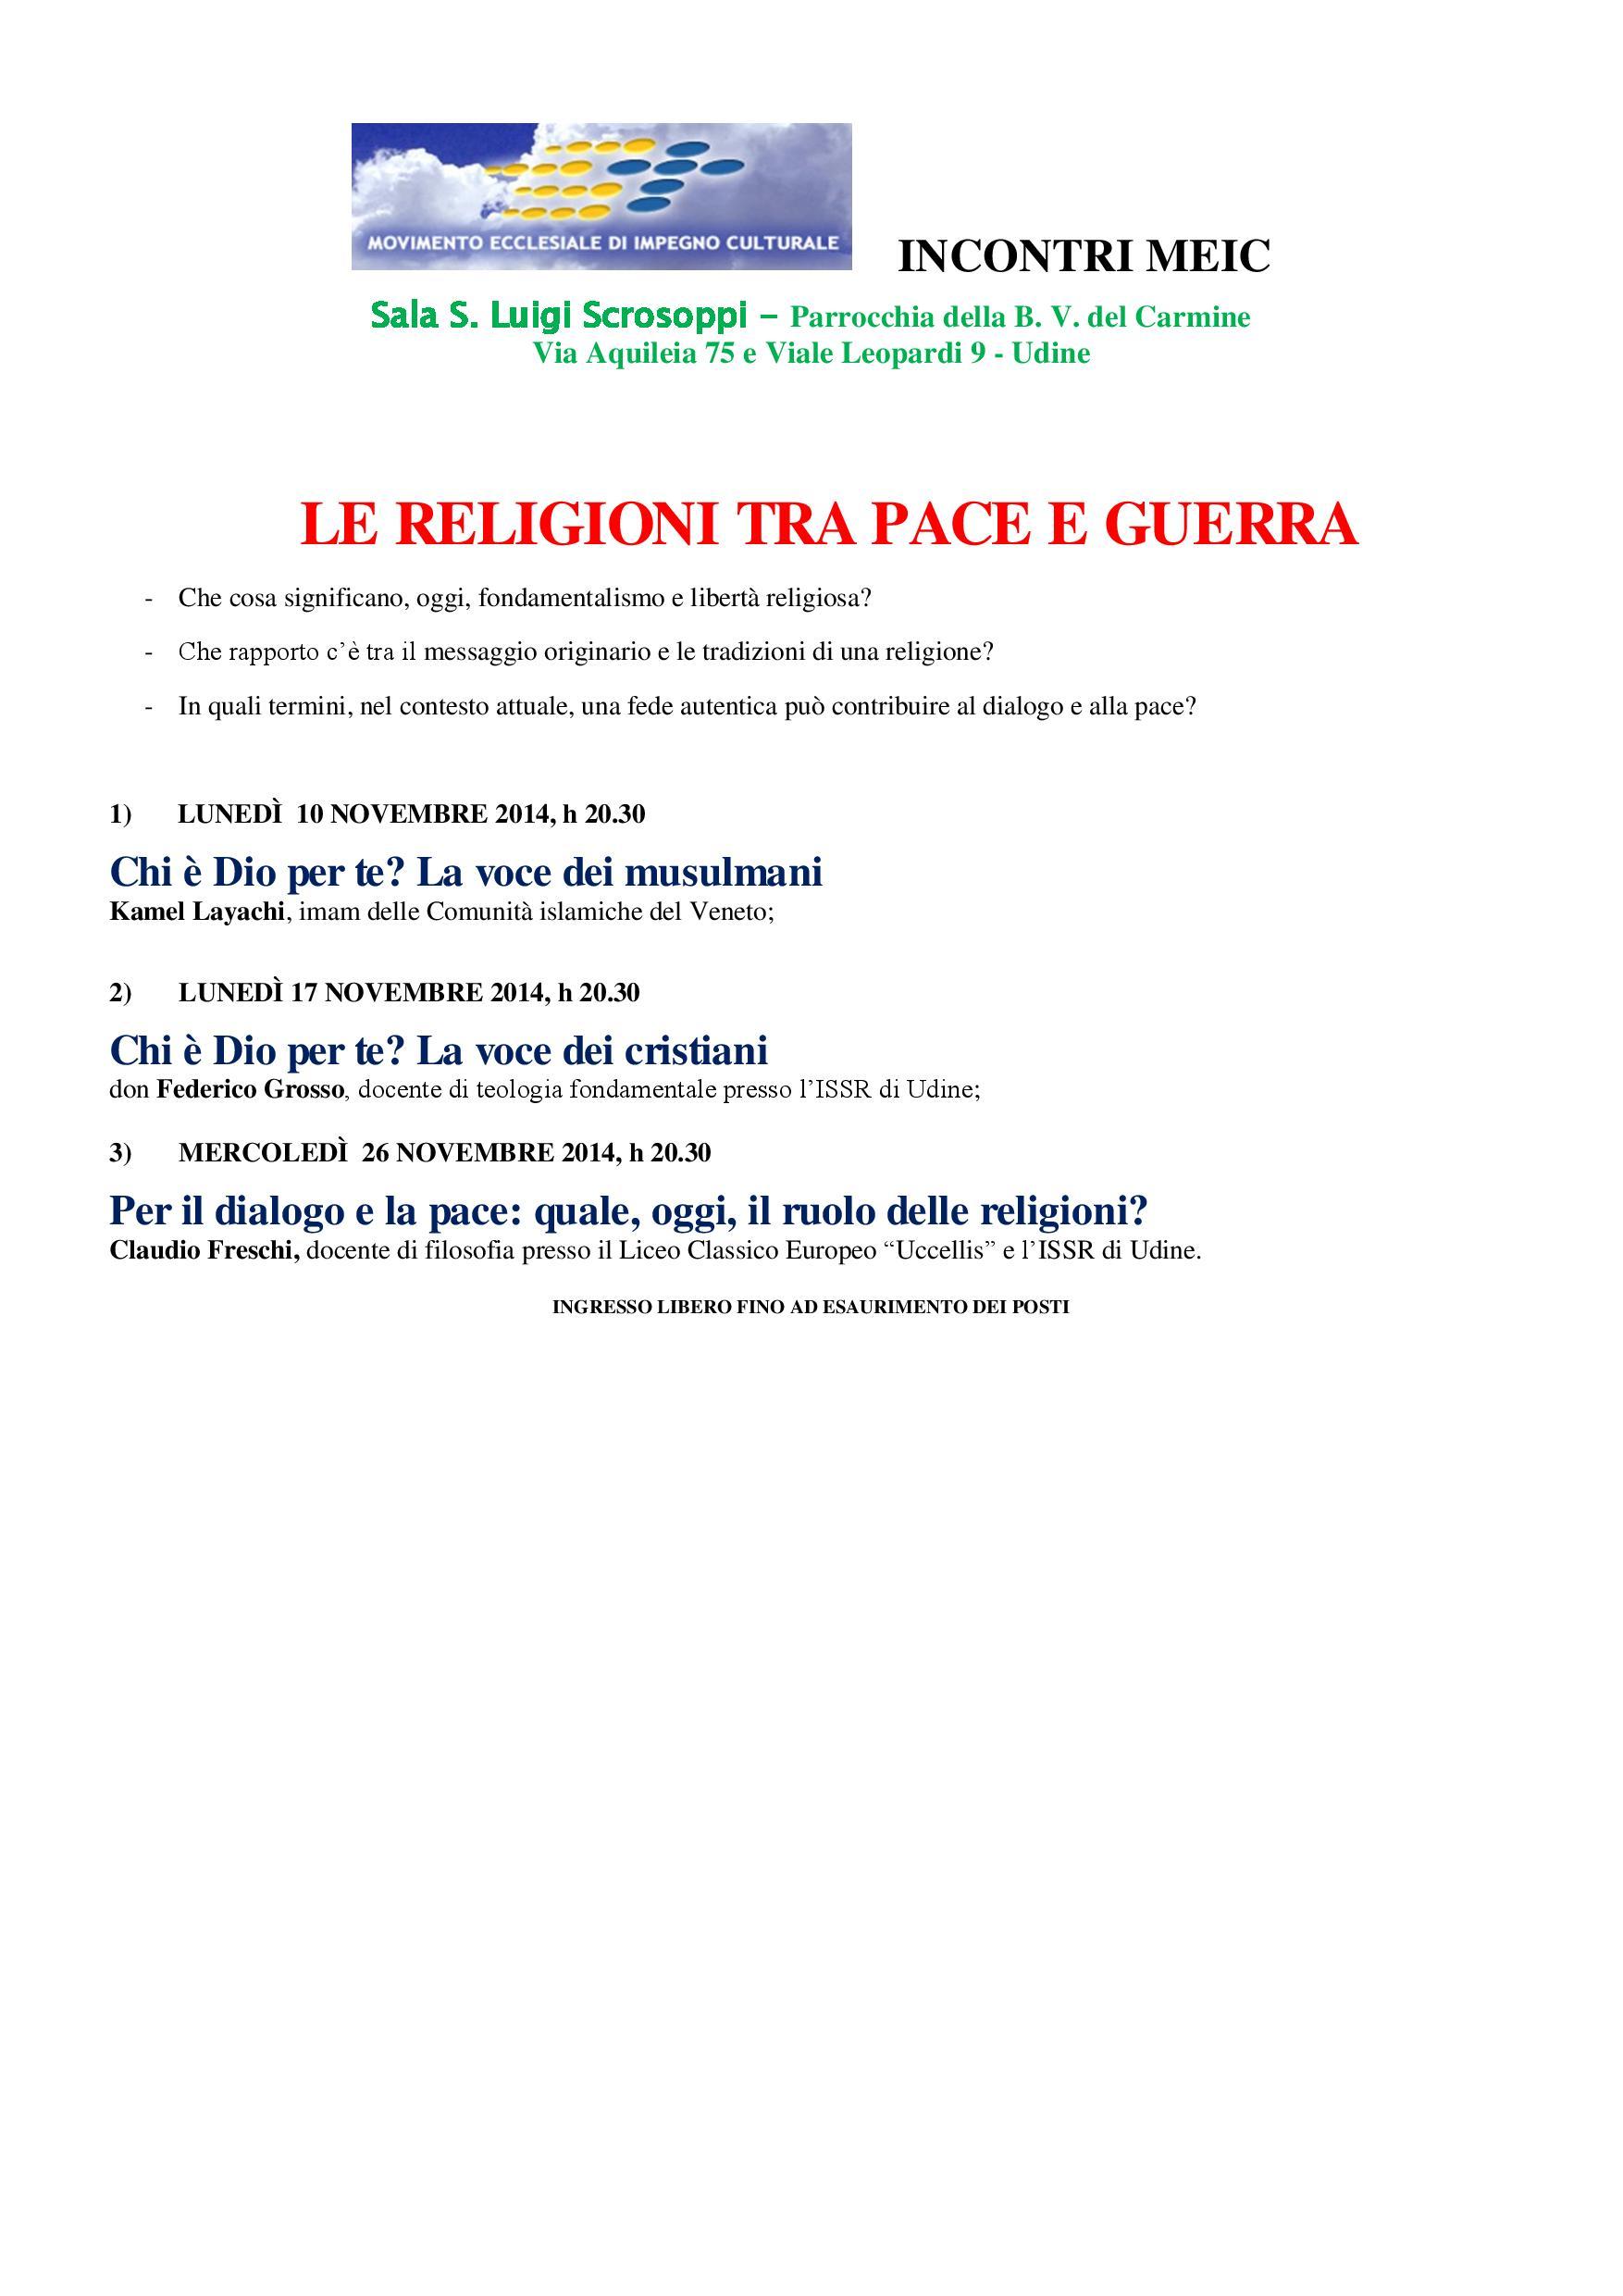 Le Religioni tra pace e guerra locandina-1-page-001